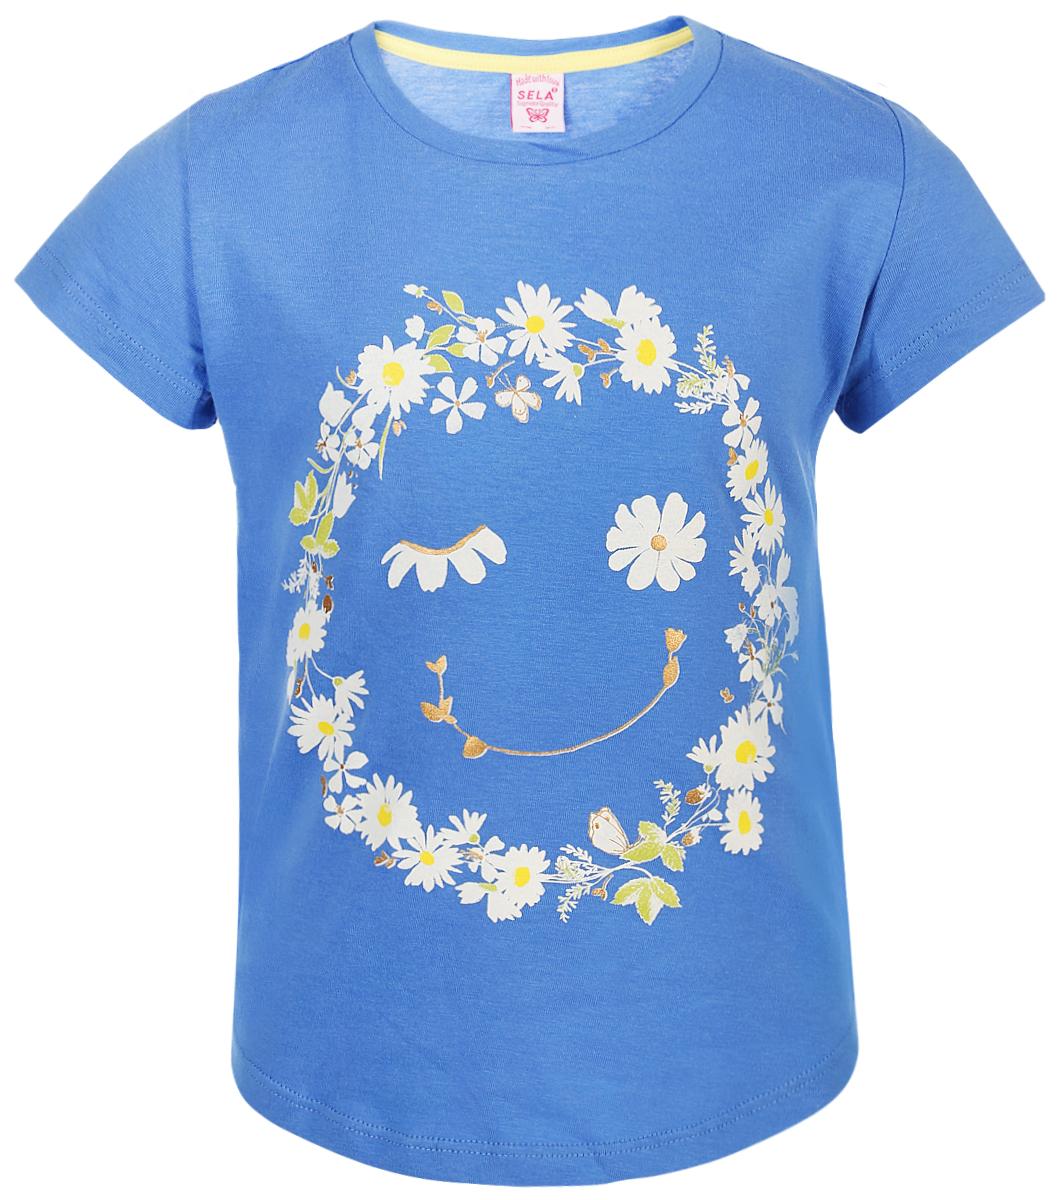 Футболка для девочки Sela, цвет: голубой. Ts-511/487-8223. Размер 116Ts-511/487-8223Футболка от Sela выполнена из натурального хлопкового трикотажа. Модель с короткими рукавами и круглым вырезом горловины спереди оформлена принтом.